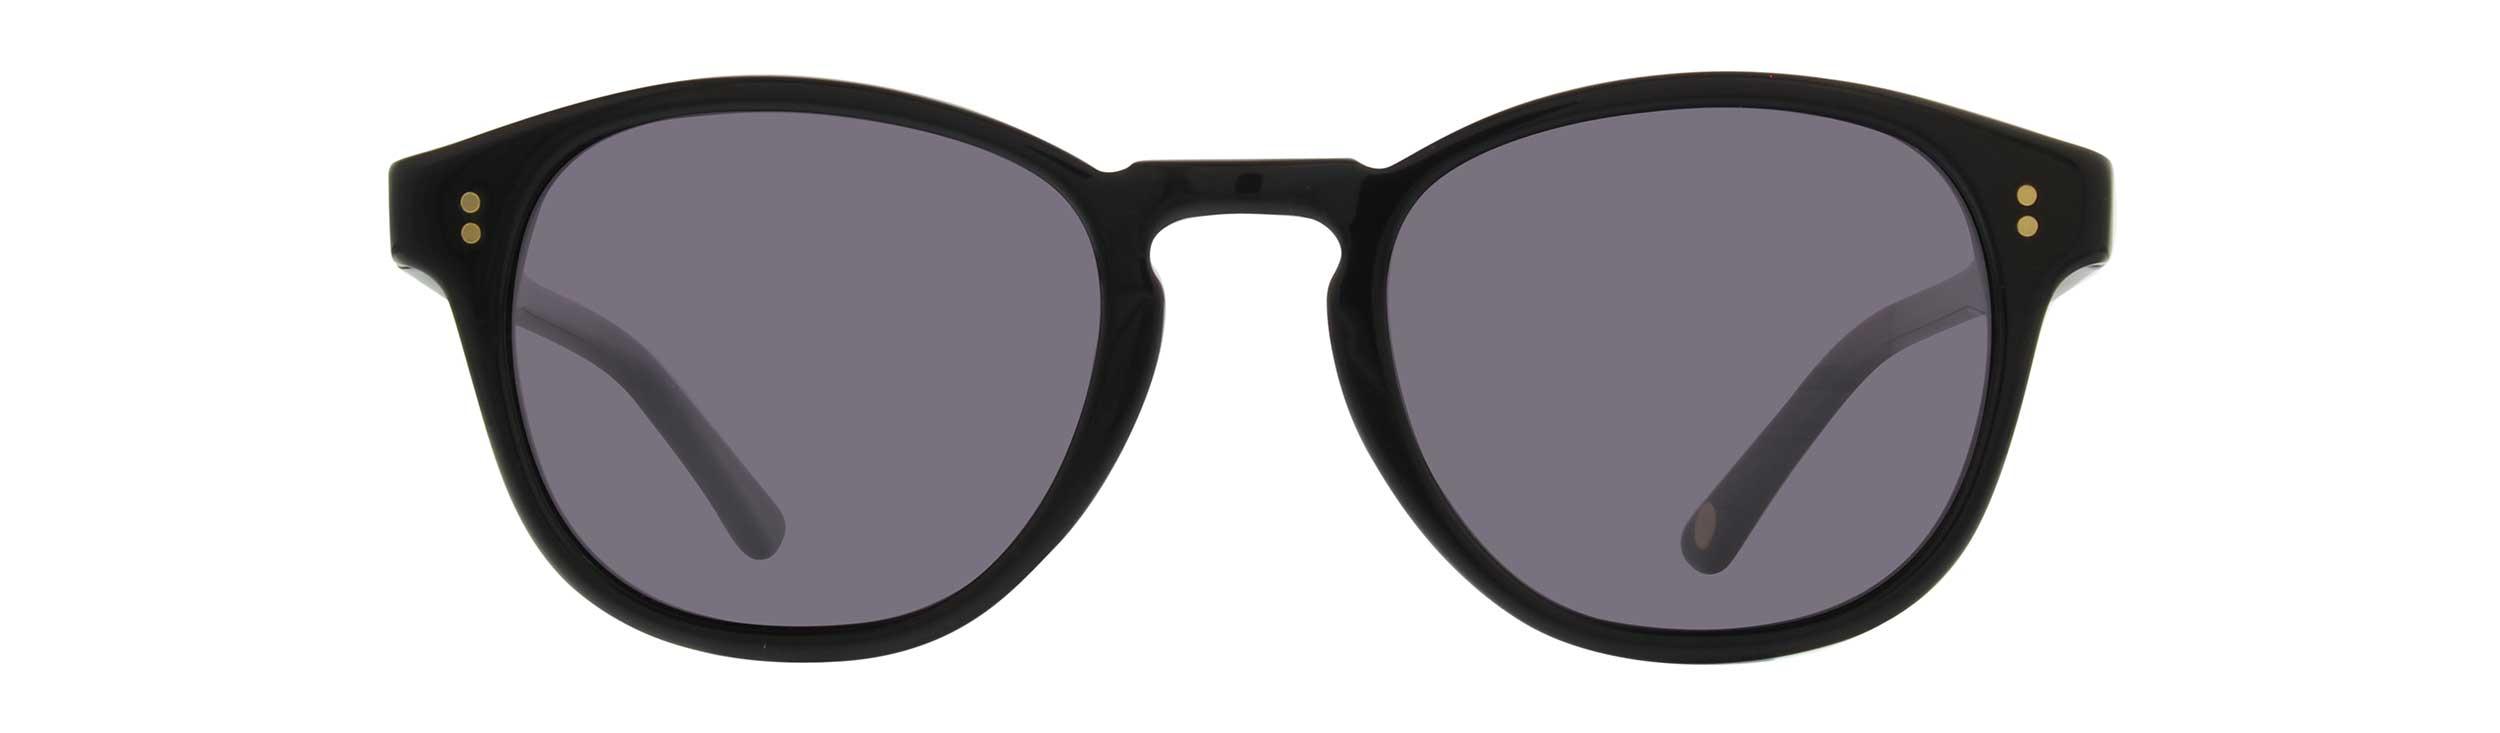 Teele Square Sunglasses